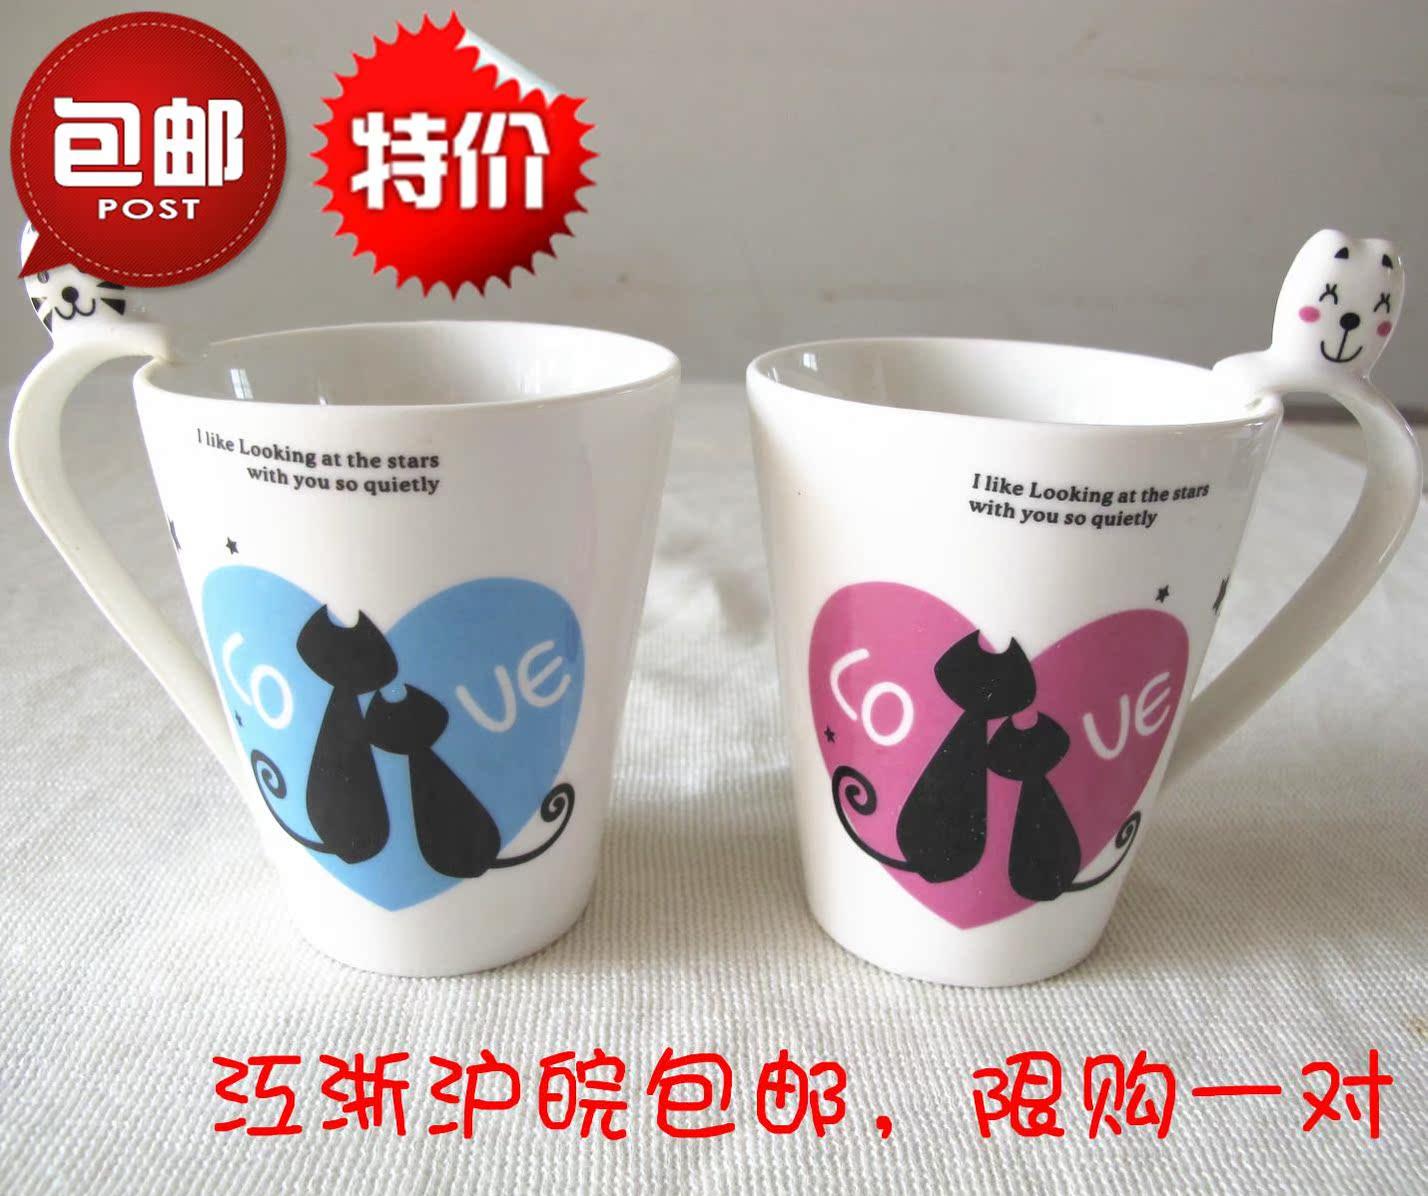 黑白情侣猫杯 马克陶瓷杯 个性创意 生日礼物不带勺 对杯特价优惠